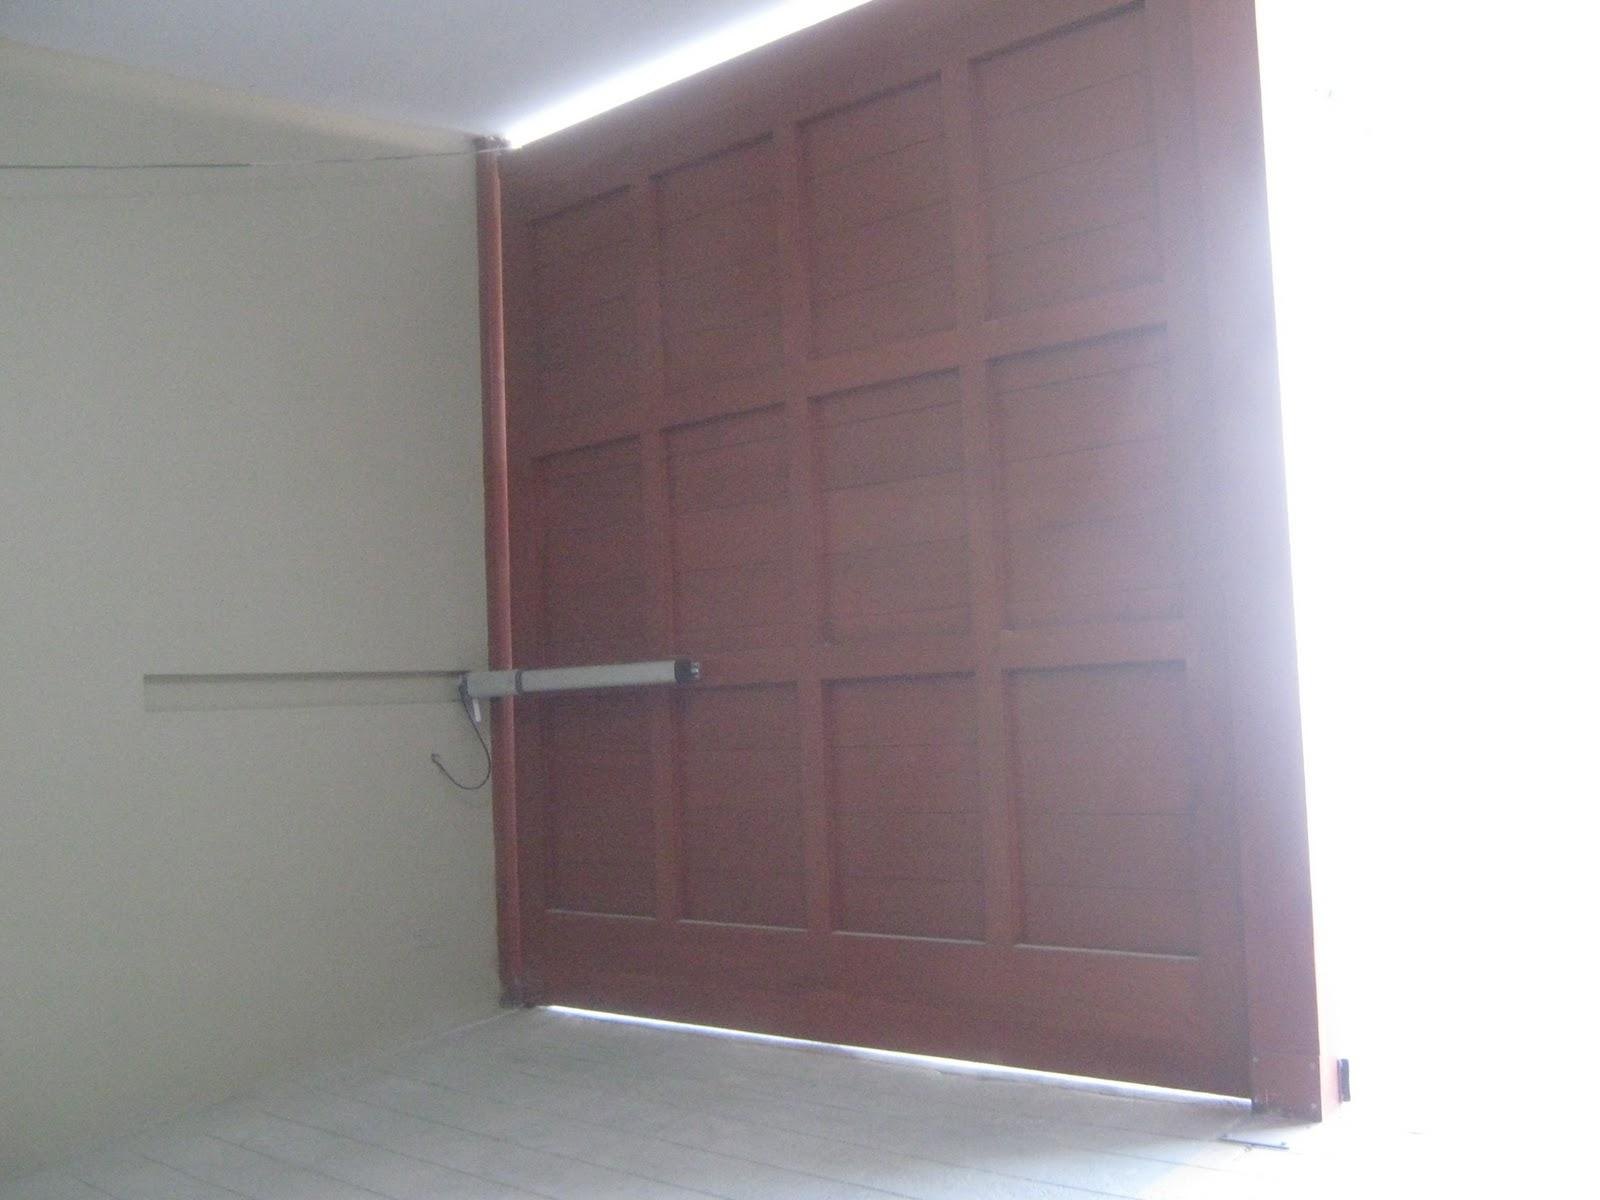 Puertas automaticas y sistemas de seguridad puertas for Brazos puertas automaticas